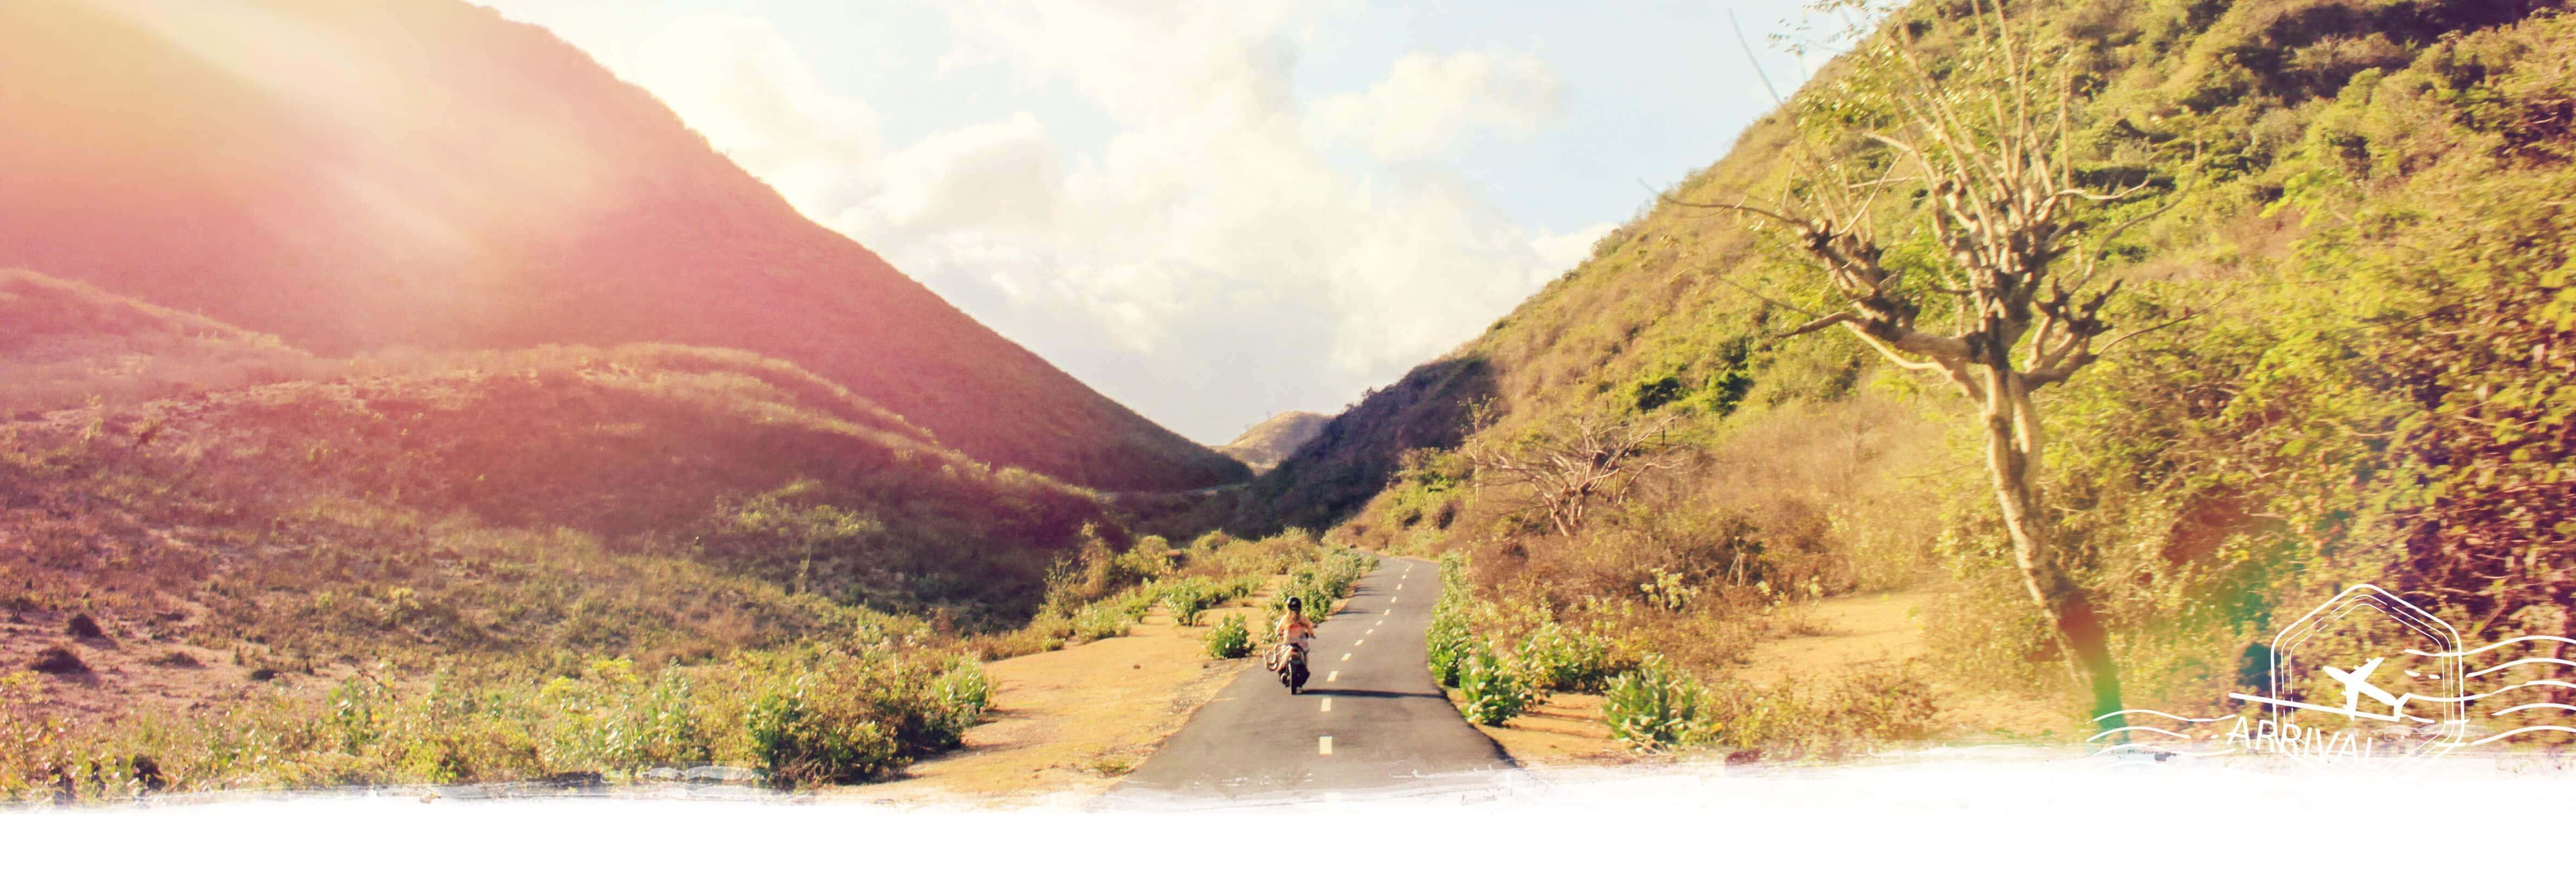 Sunshine Seeker Travel Blog - Travel Smarter, Travel More